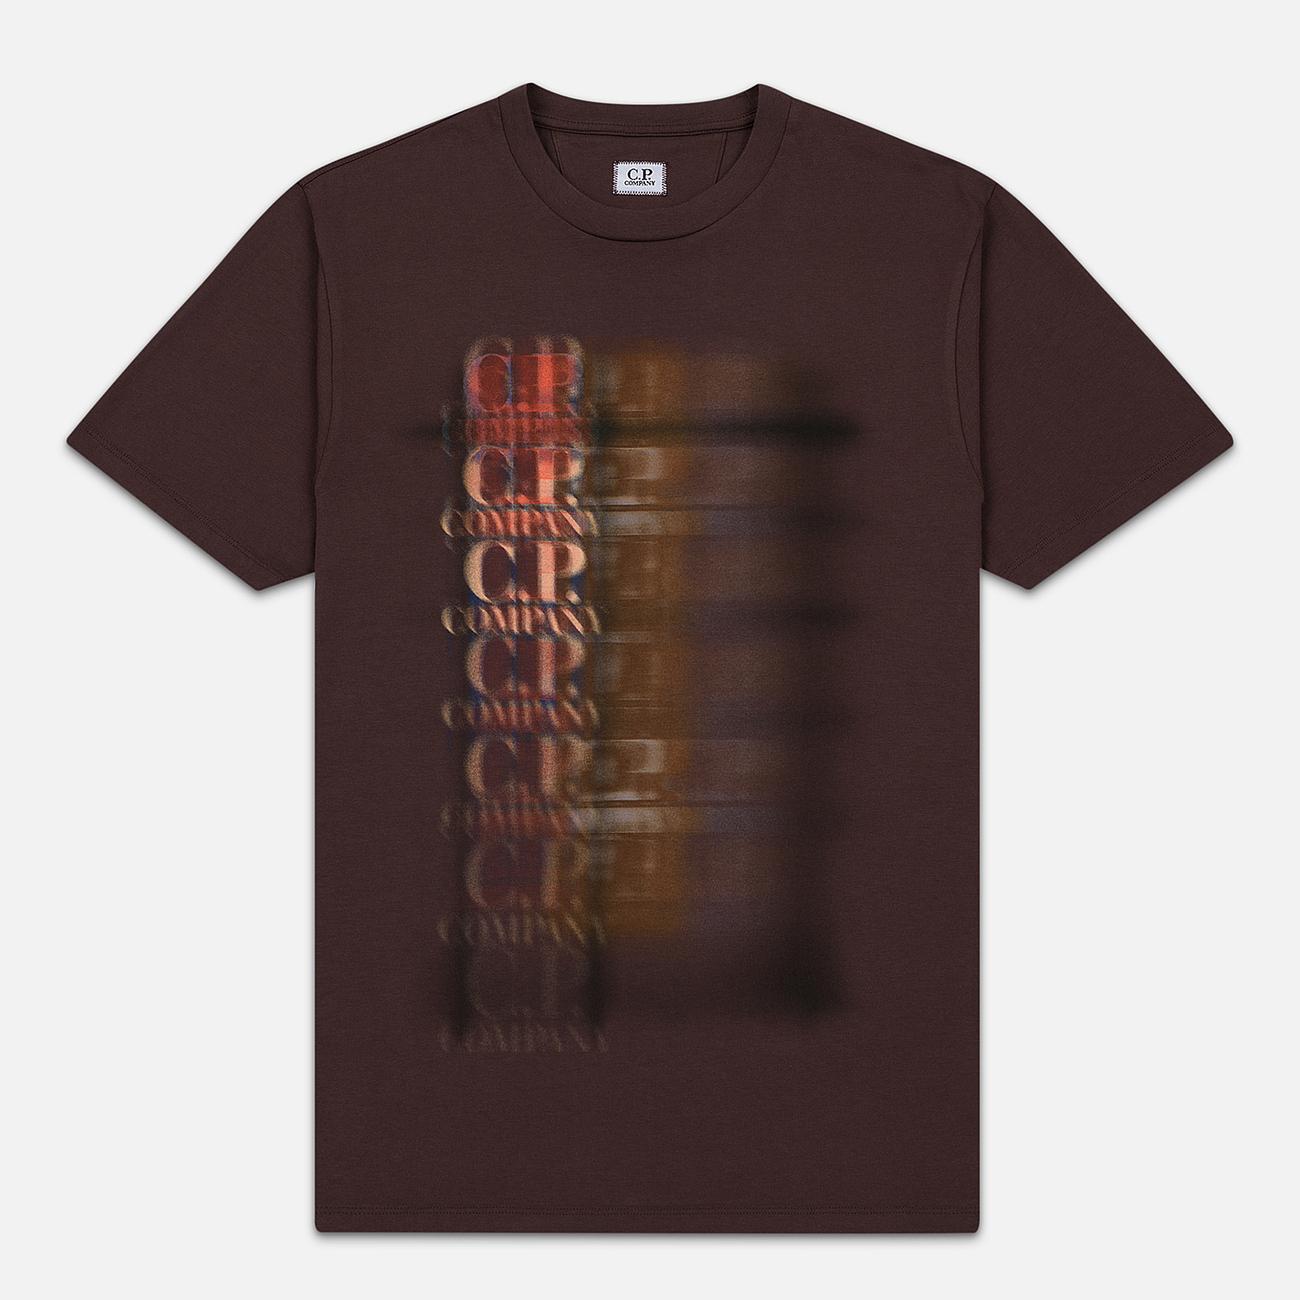 Мужская футболка C.P. Company Blurred Graphic More Logo Peppercorn